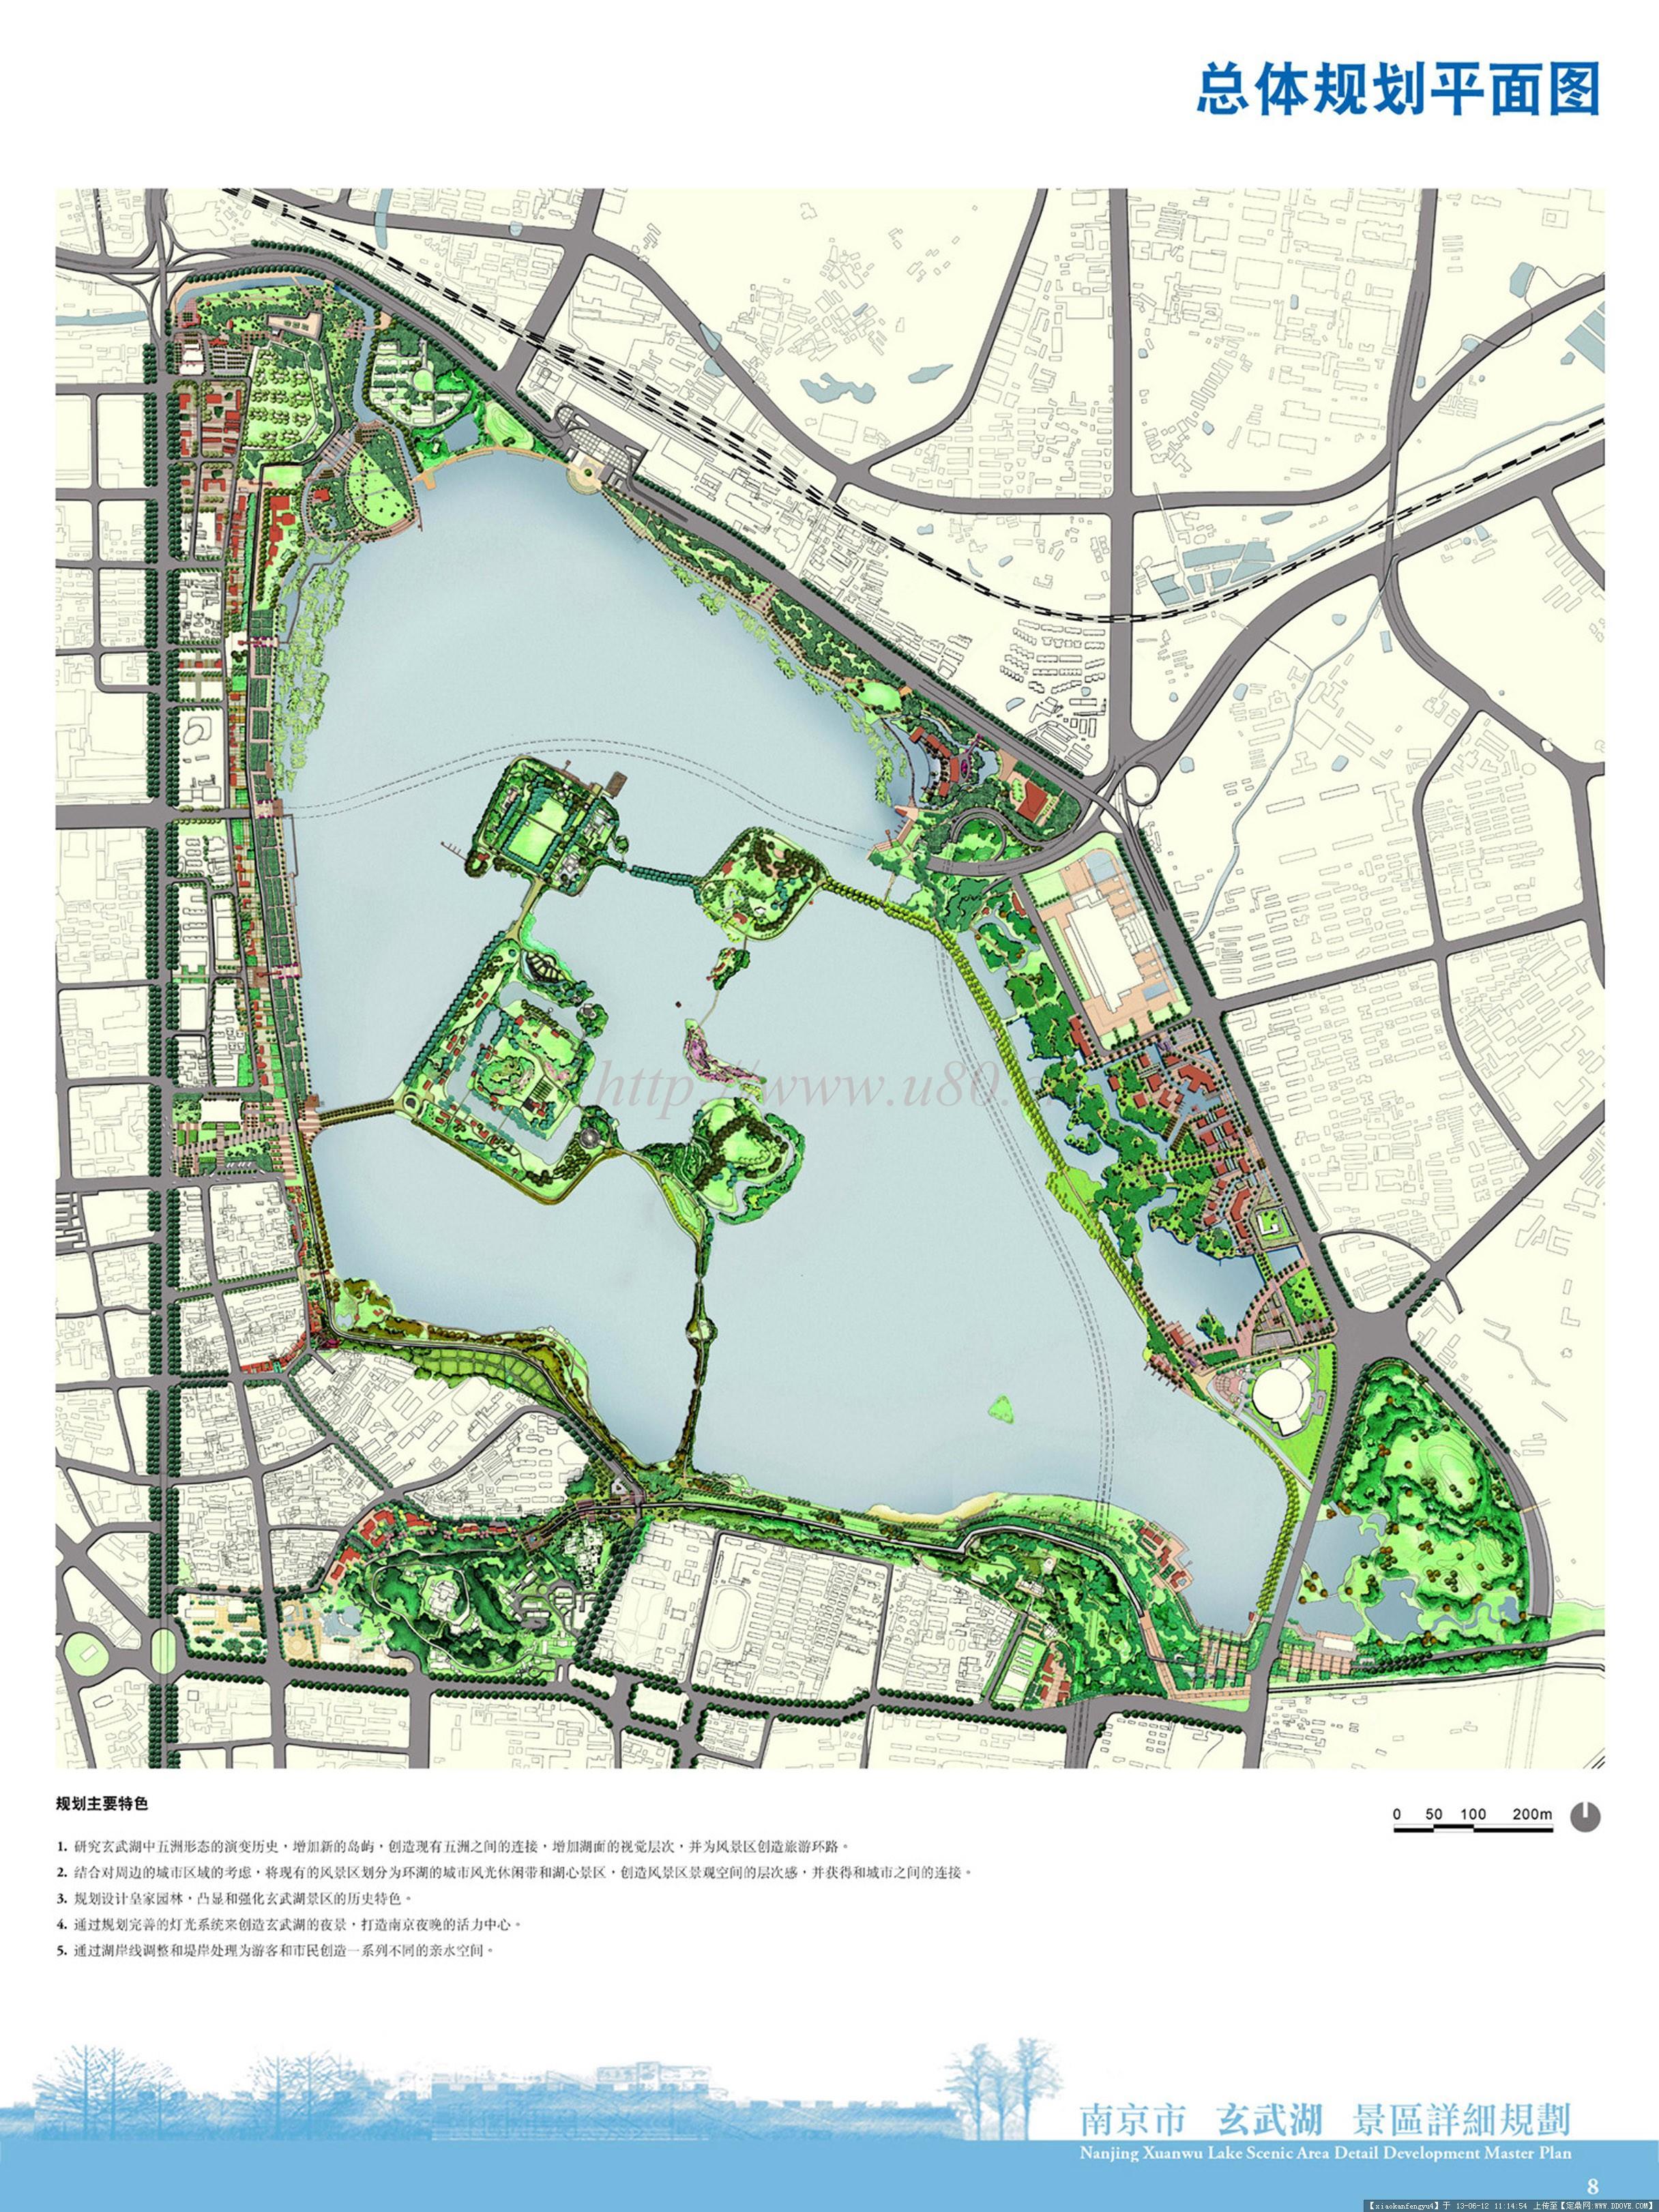 景观规划案例的图片浏览,园林方案设计,旅游景区,园林